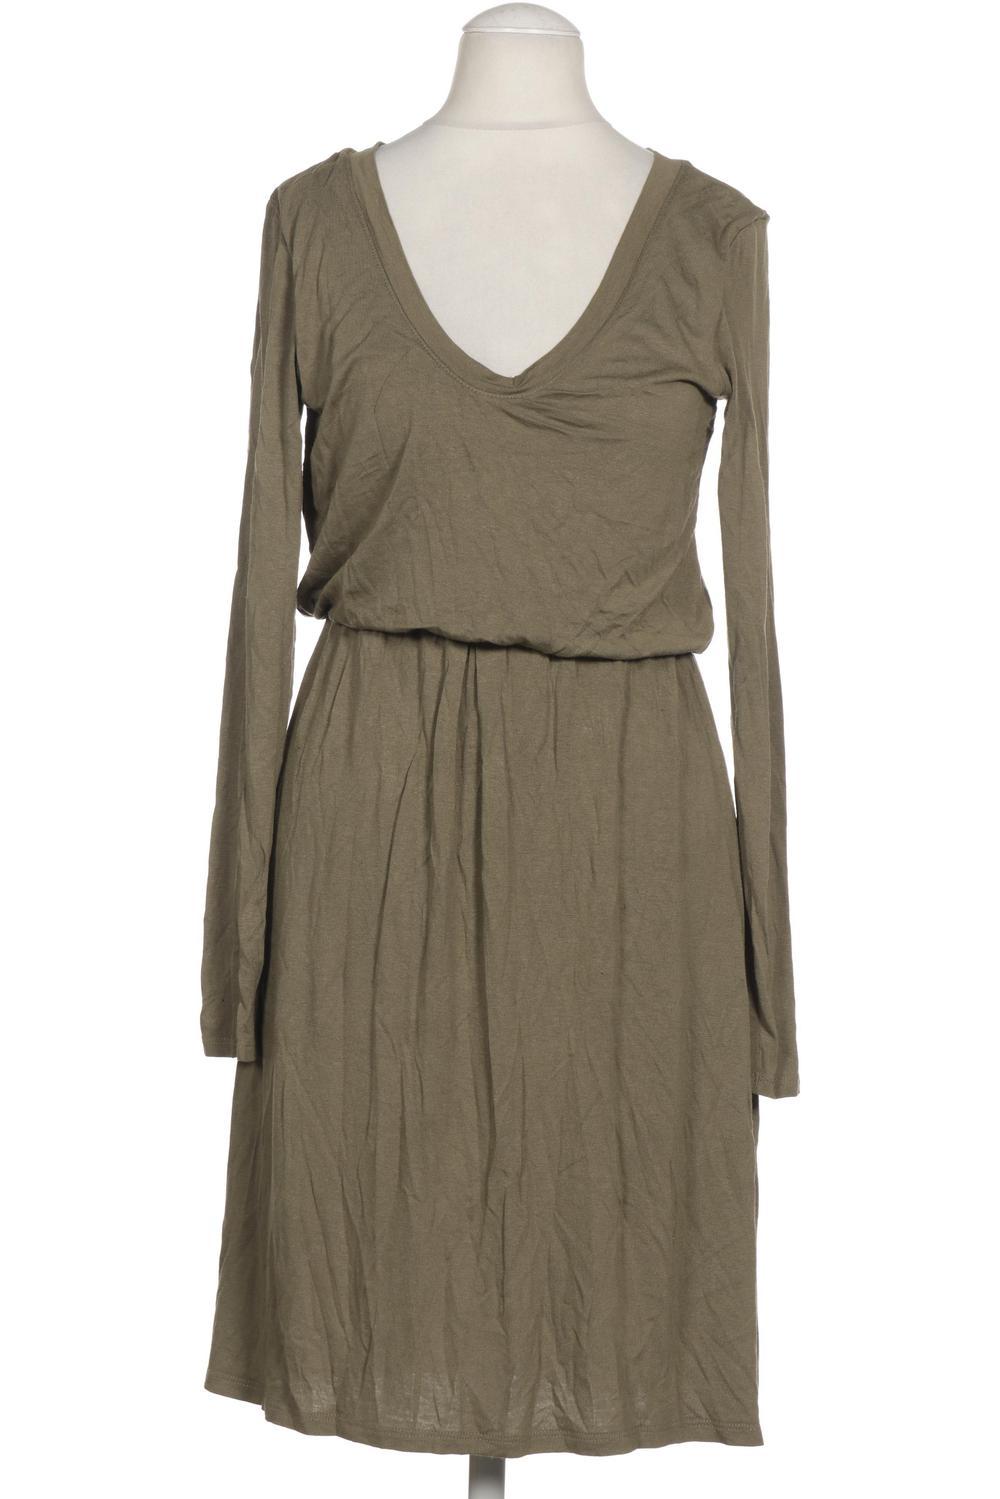 h&m damen kleid int xs second hand kaufen | ubup